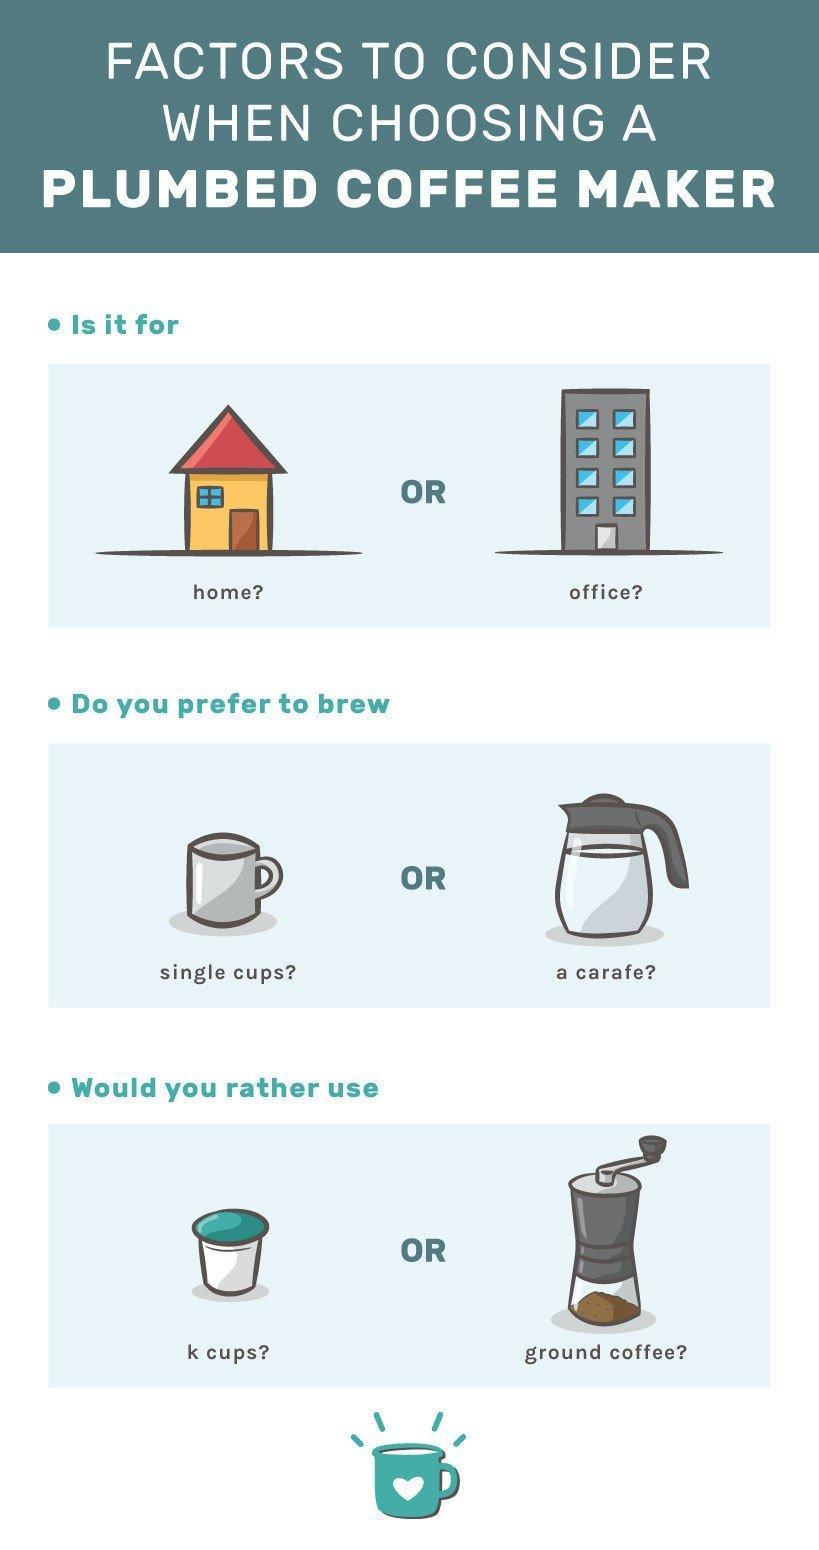 choosing a plumbed coffee maker